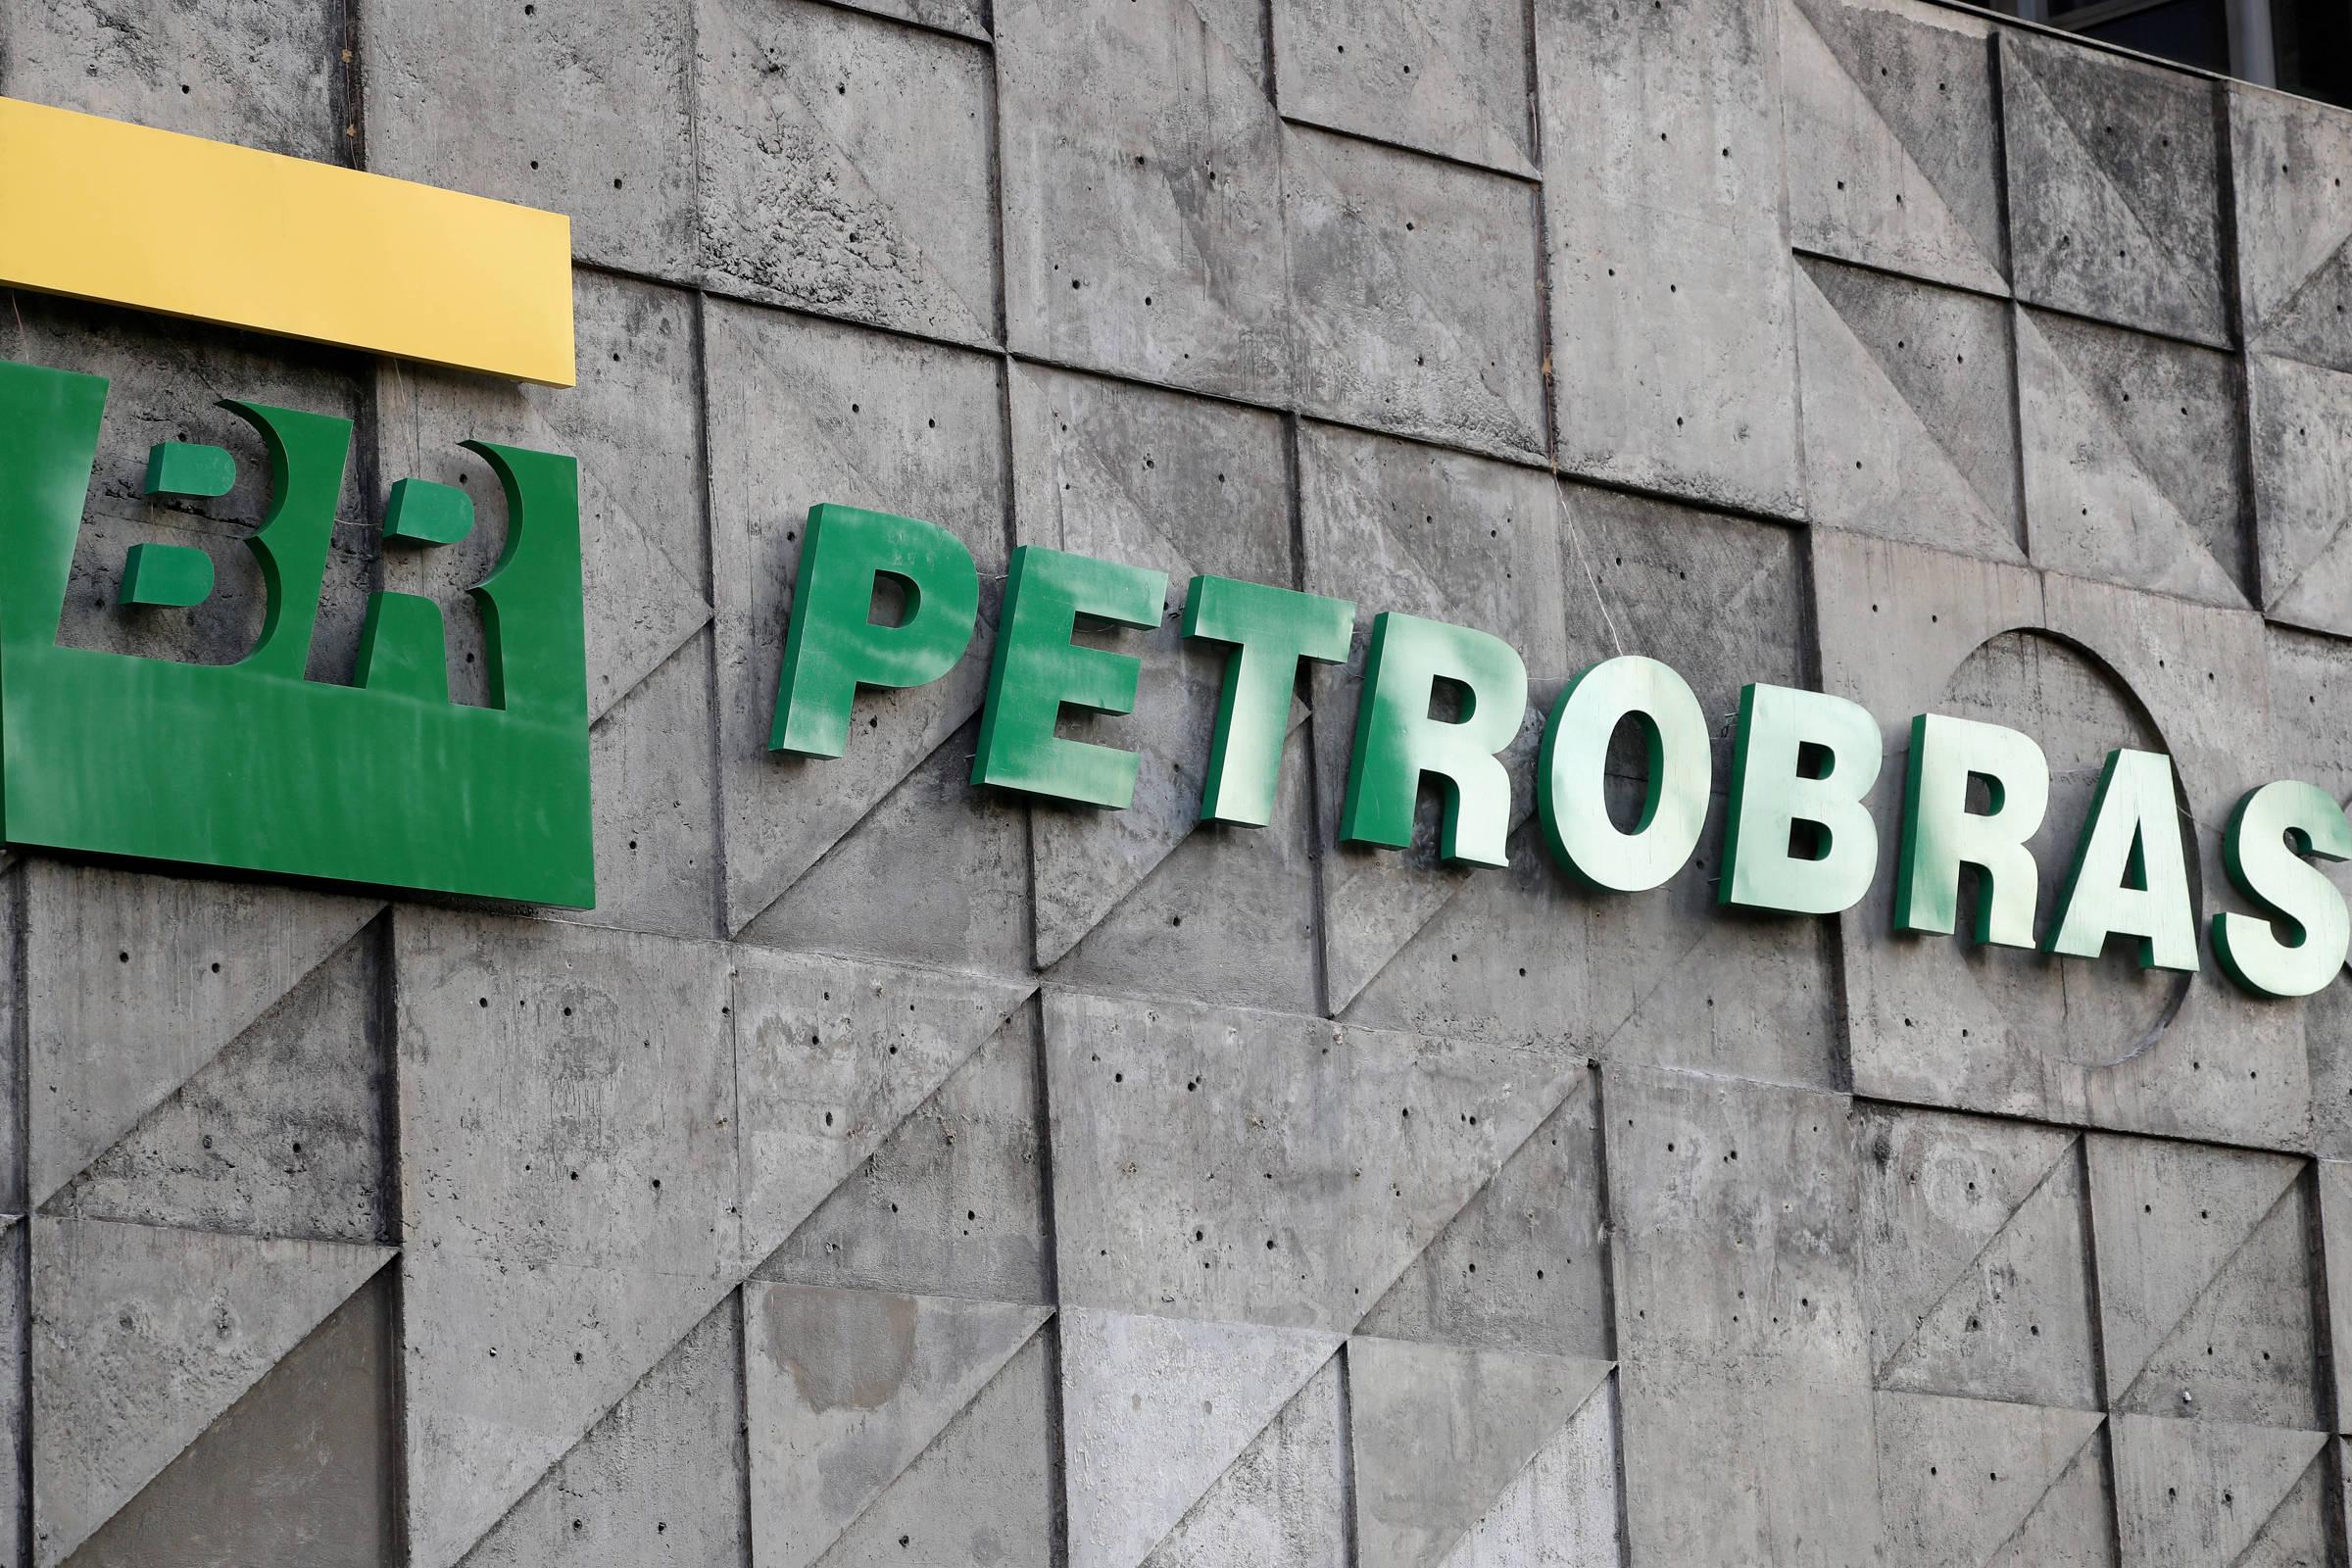 Coronavírus: Petrobras corta produção devido a crise